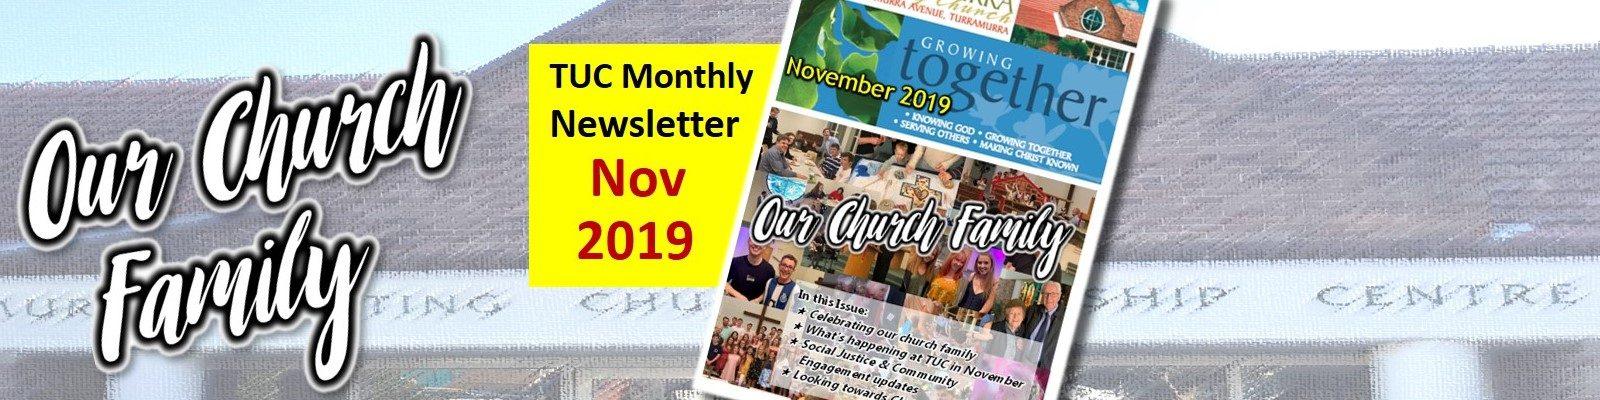 Newsletter November 2019